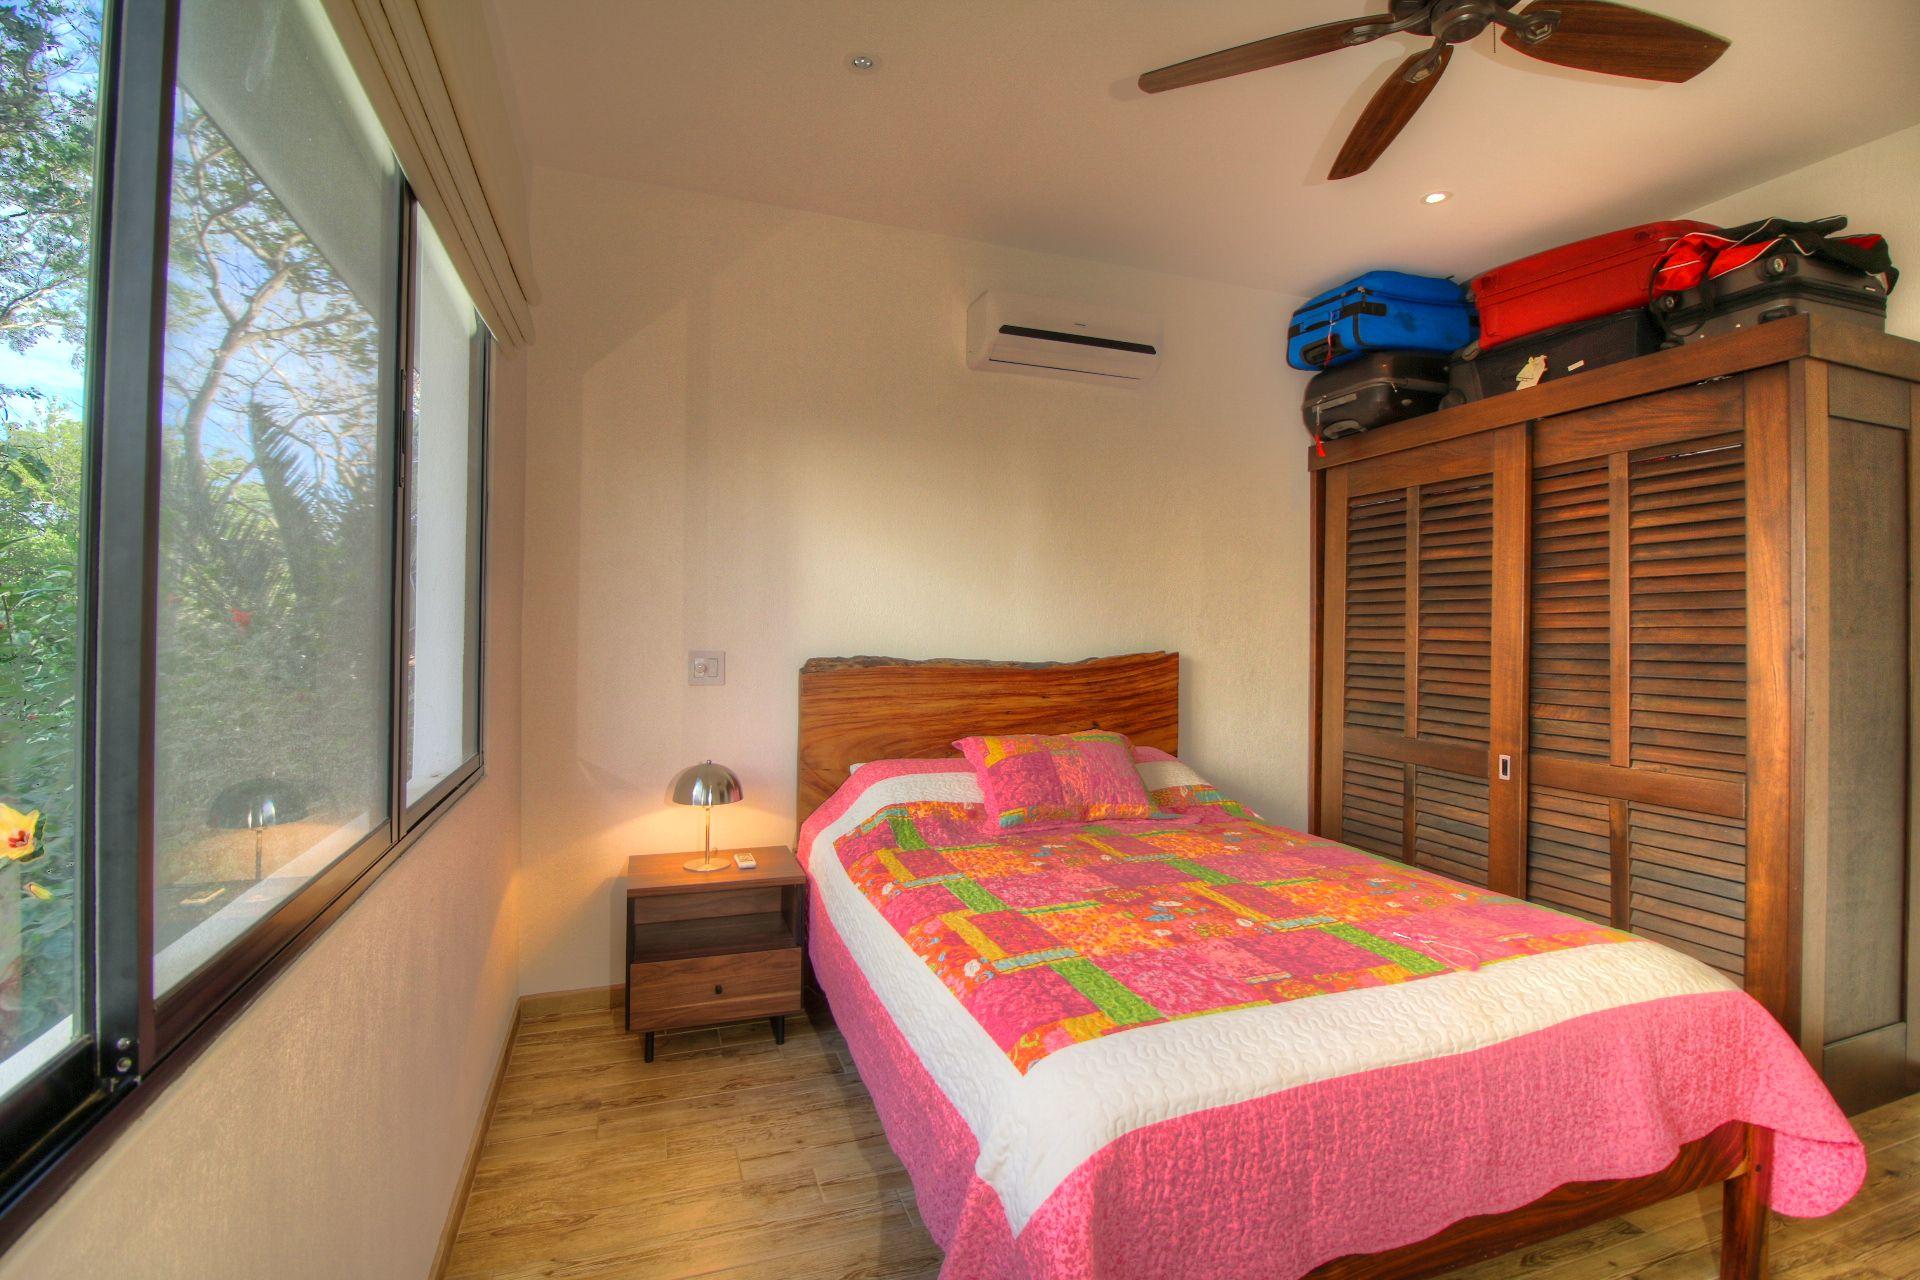 Guest bedroom overlooking treetops